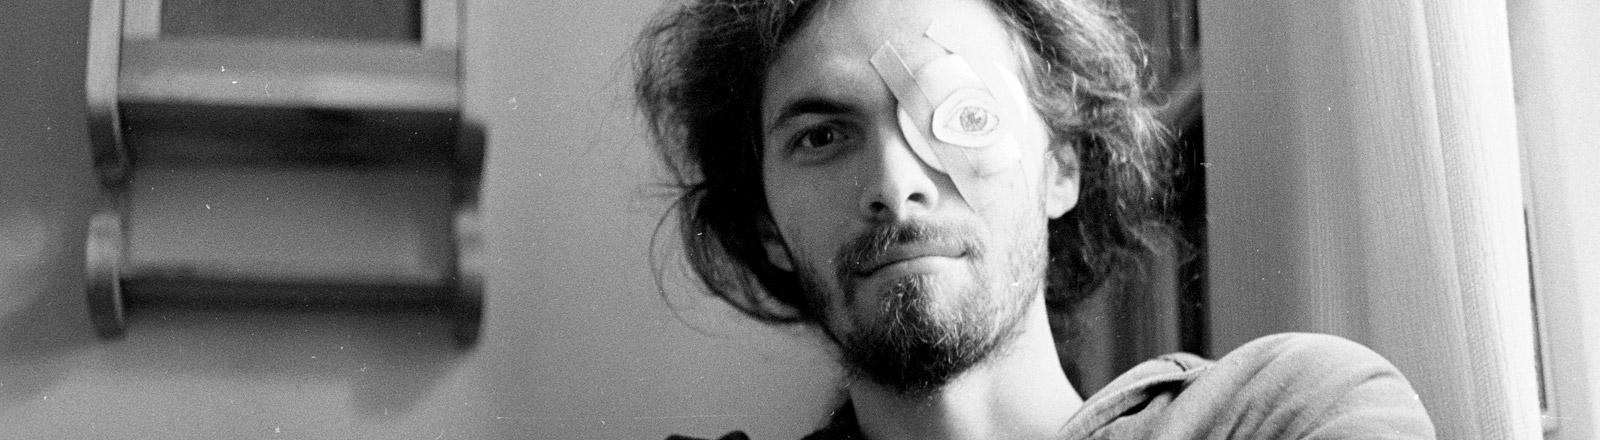 Ein Mann mit Augenklappe.